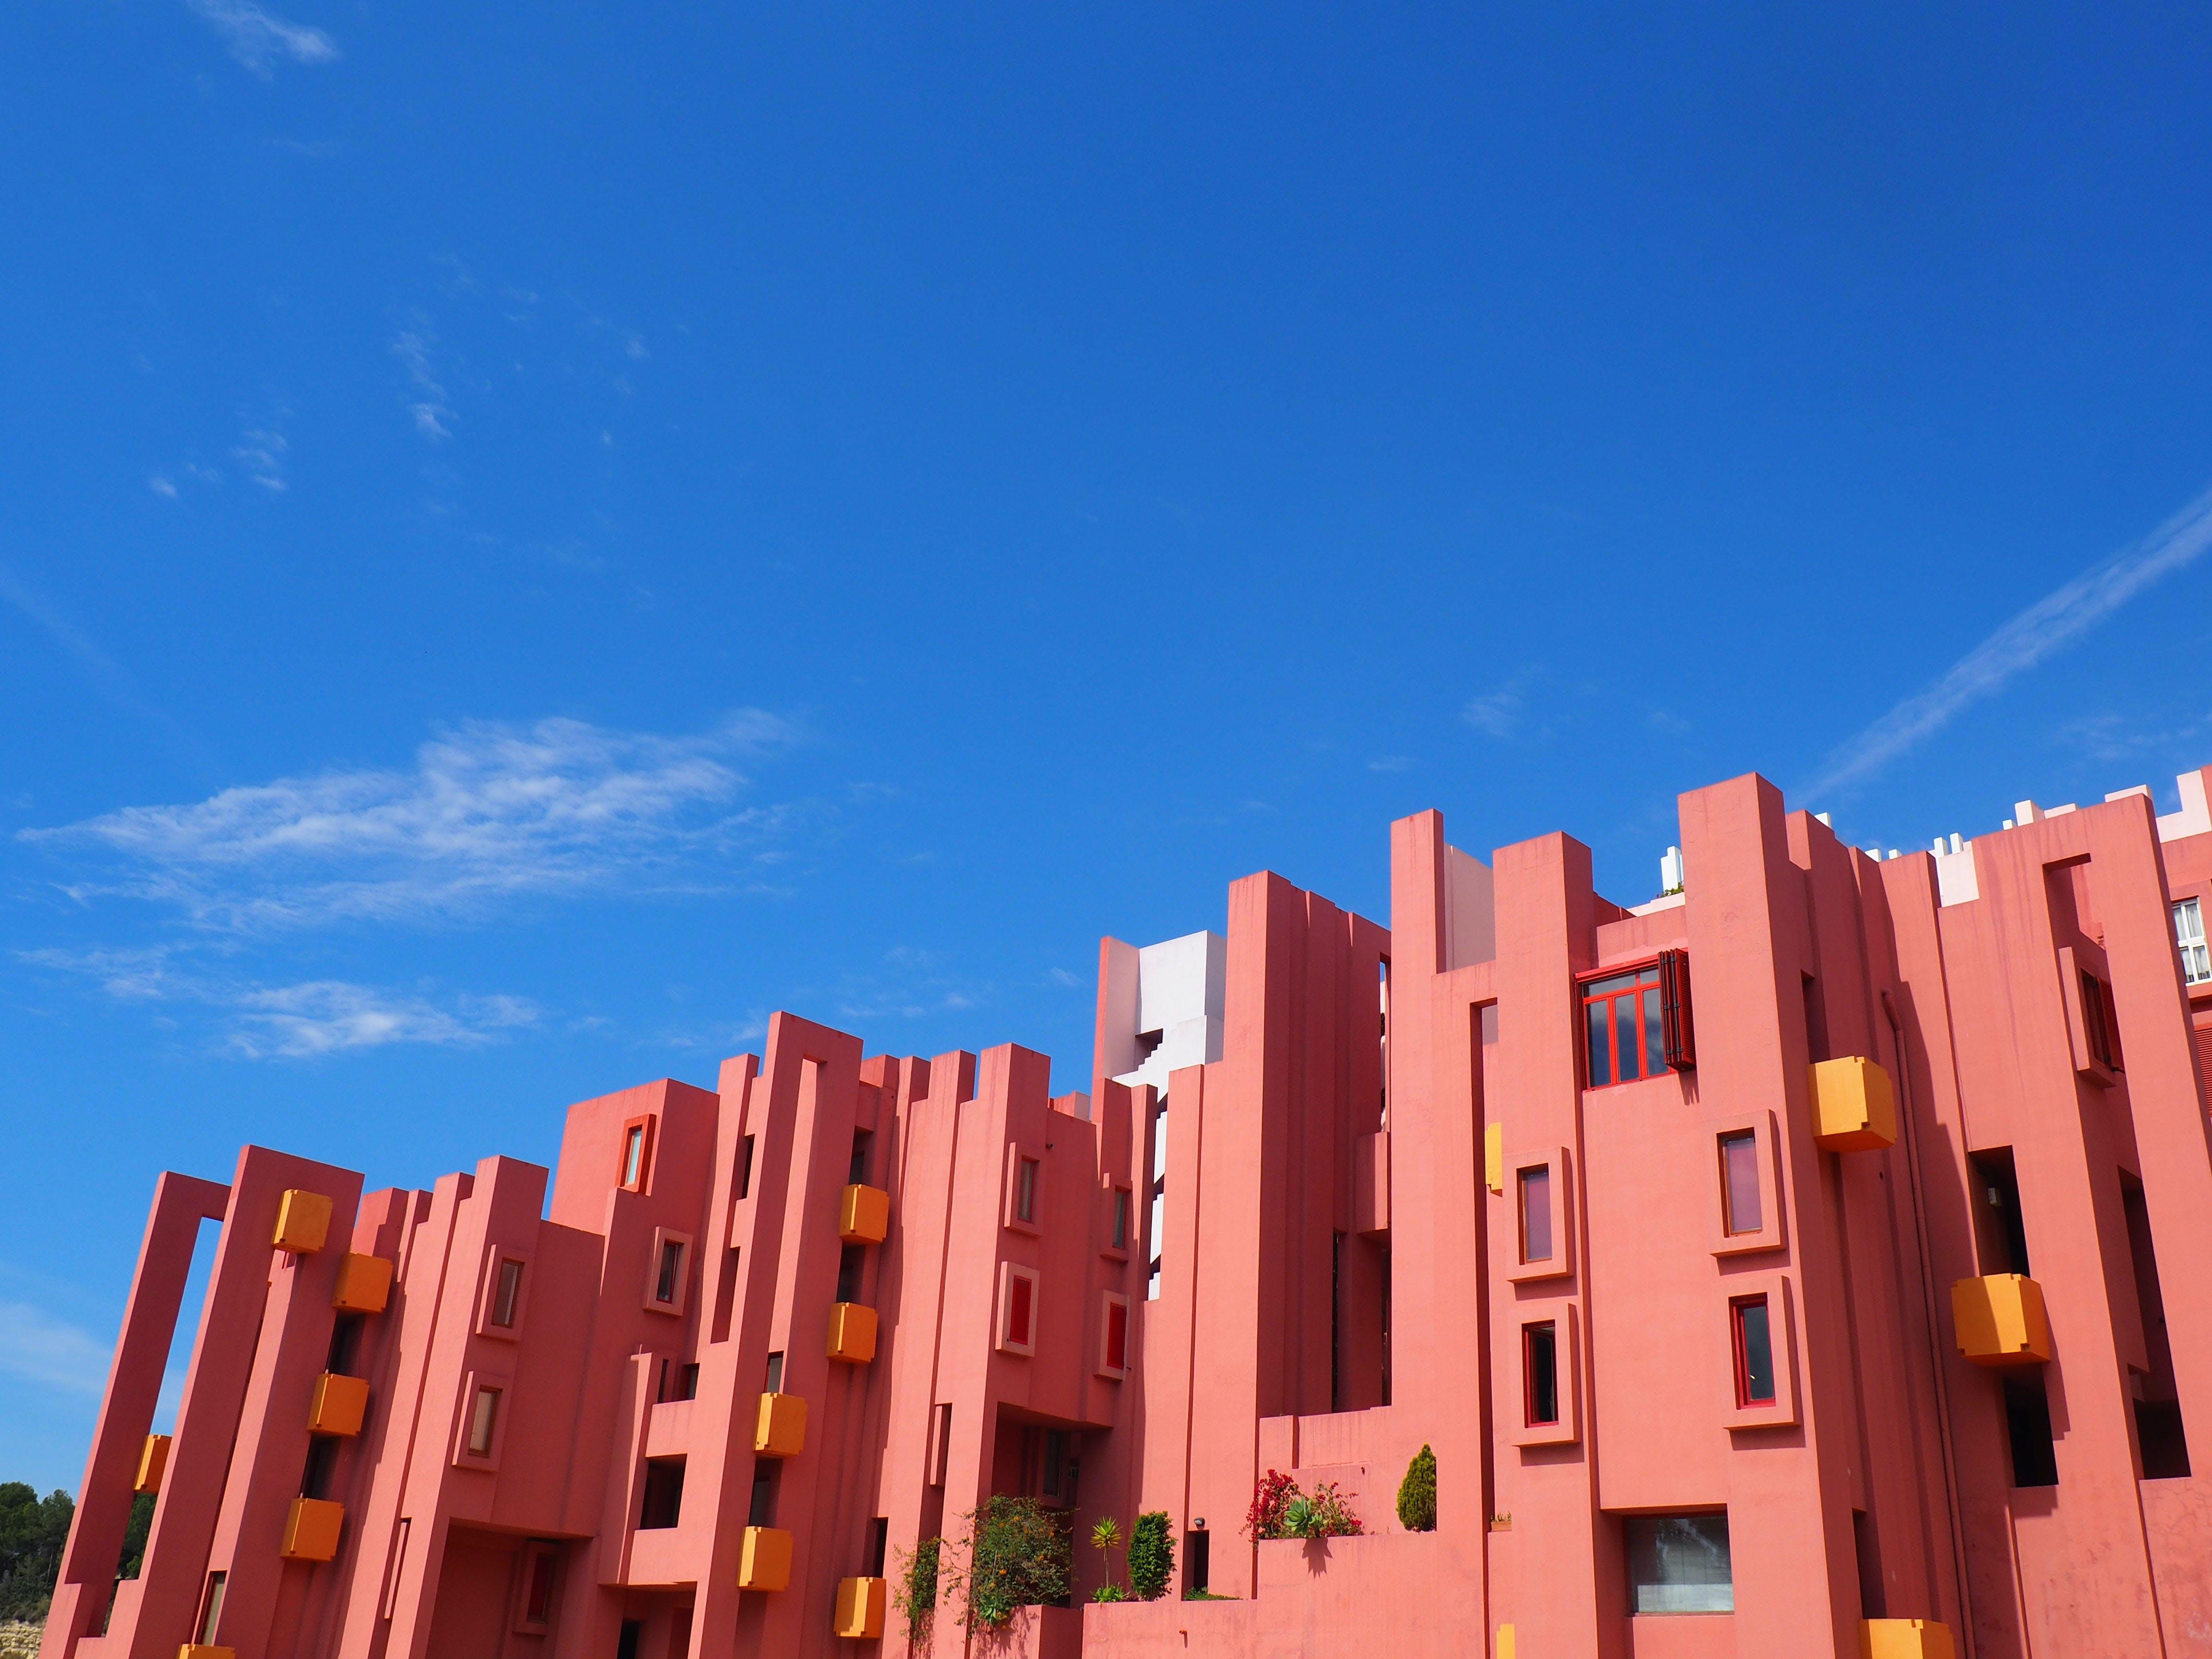 Δωρεάν στοκ φωτογραφιών με calpe, muralla roja, αρχιτεκτονική, Ισπανία